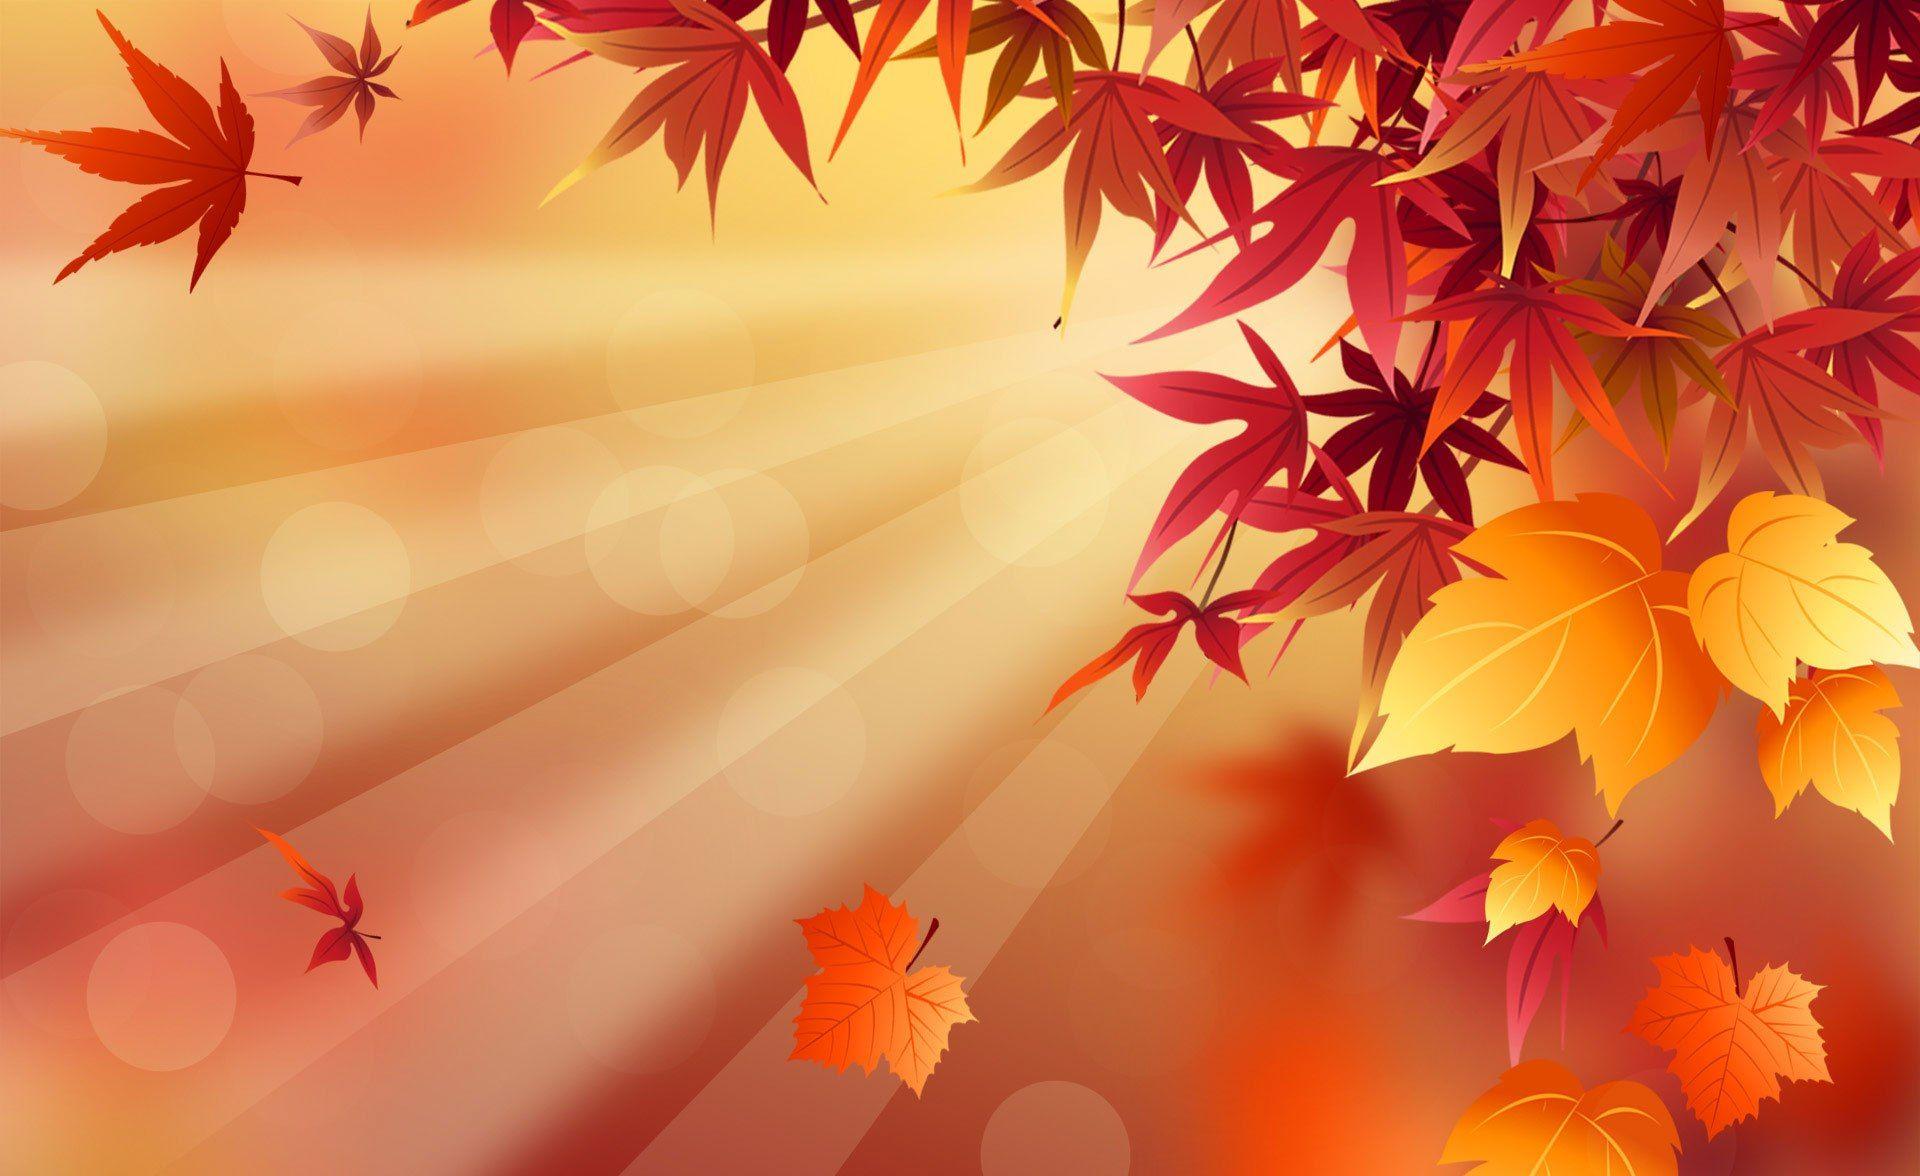 fall hd wallpaper